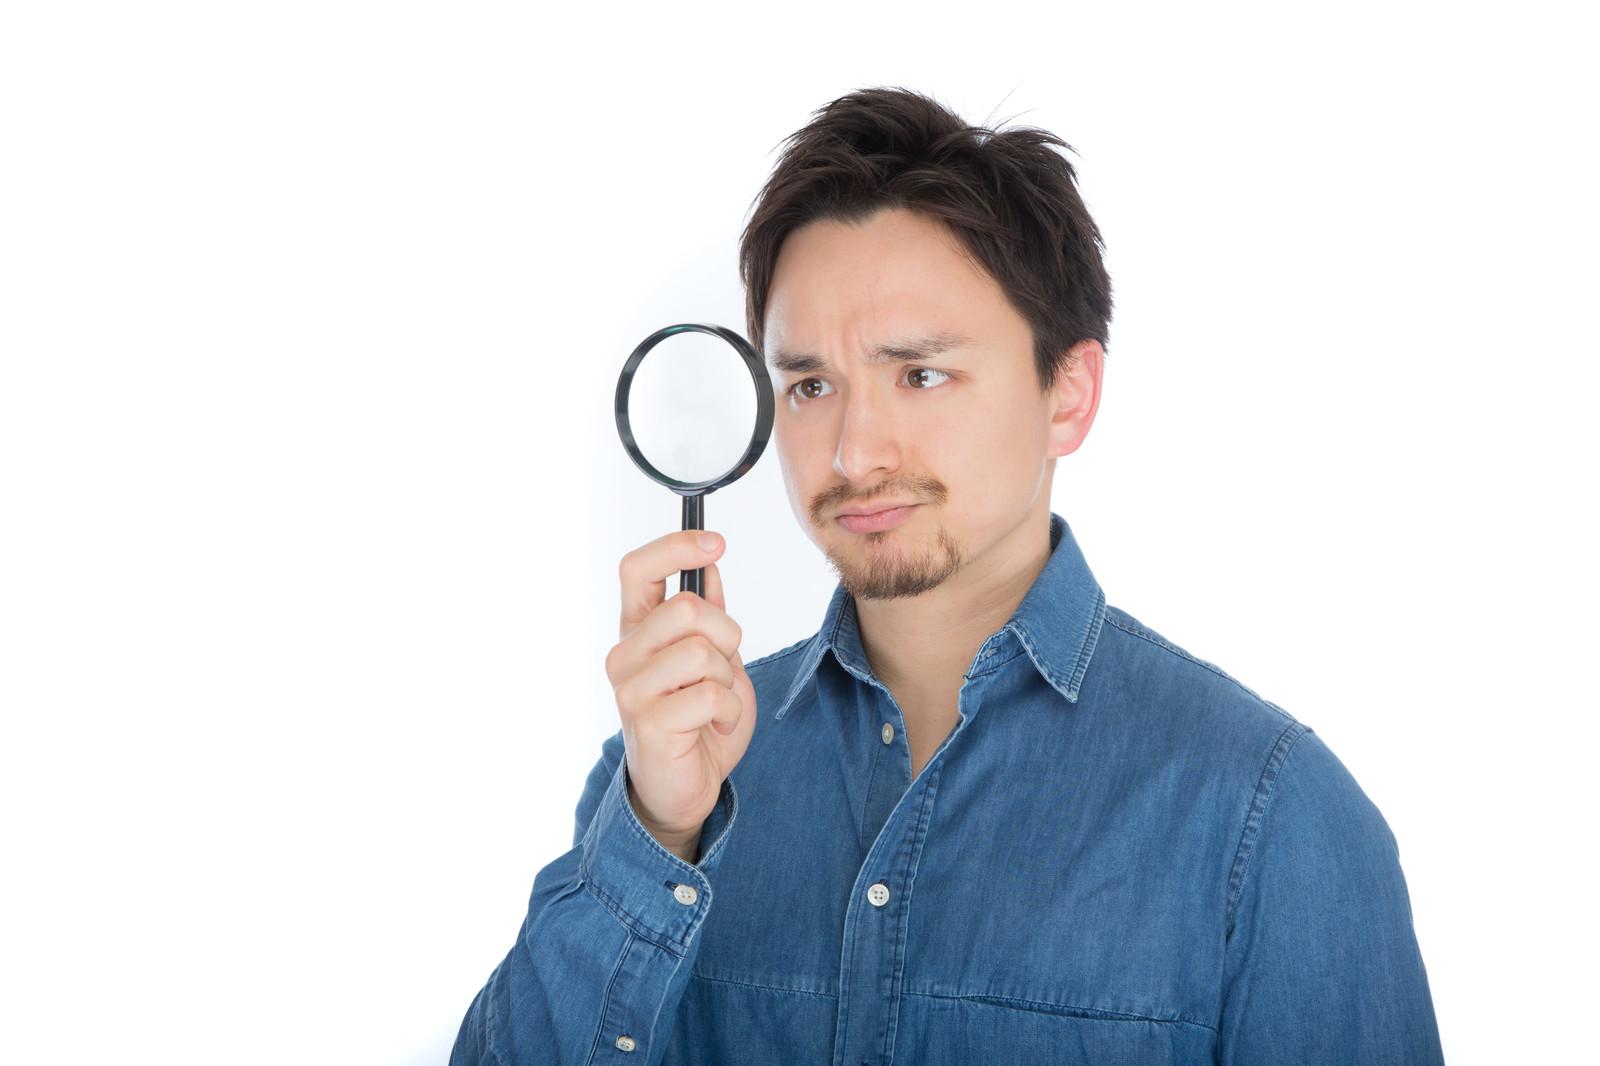 男性_虫眼鏡